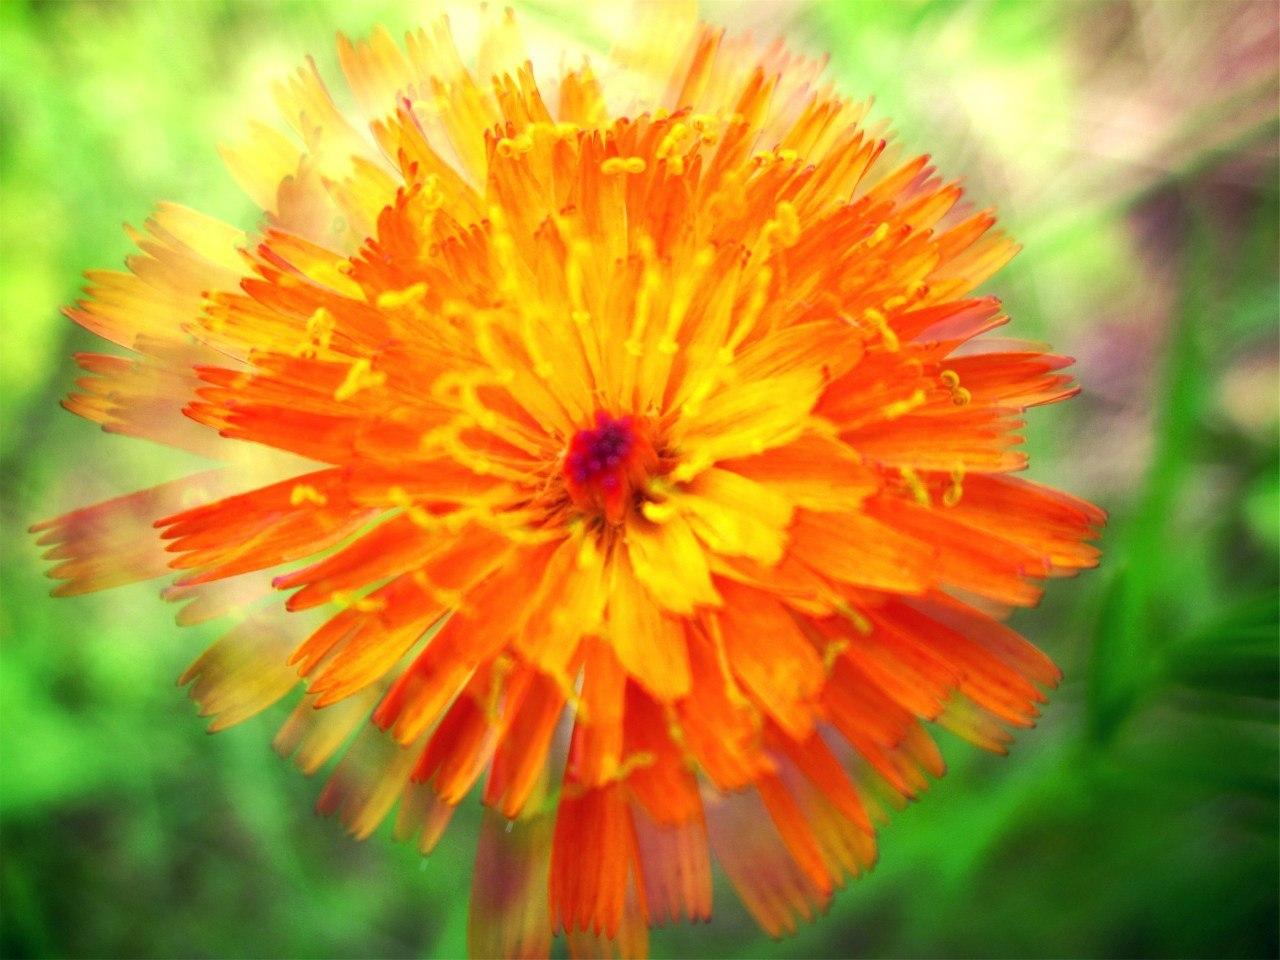 17312 скачать обои Растения, Цветы - заставки и картинки бесплатно